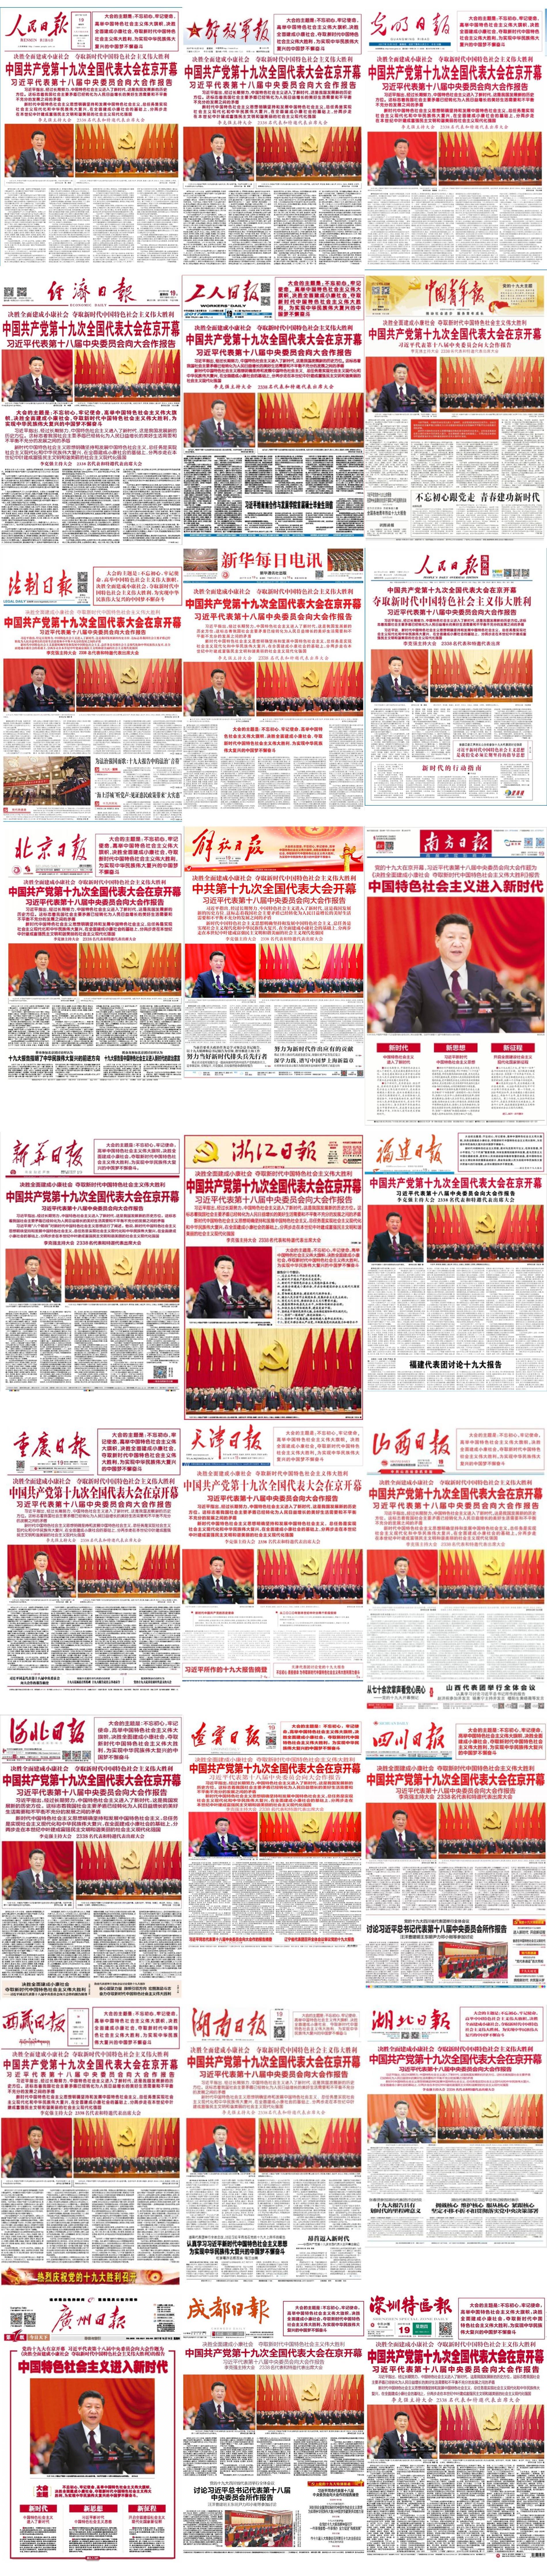 中文编辑校对网|今天,各编辑部这样做标题定版式